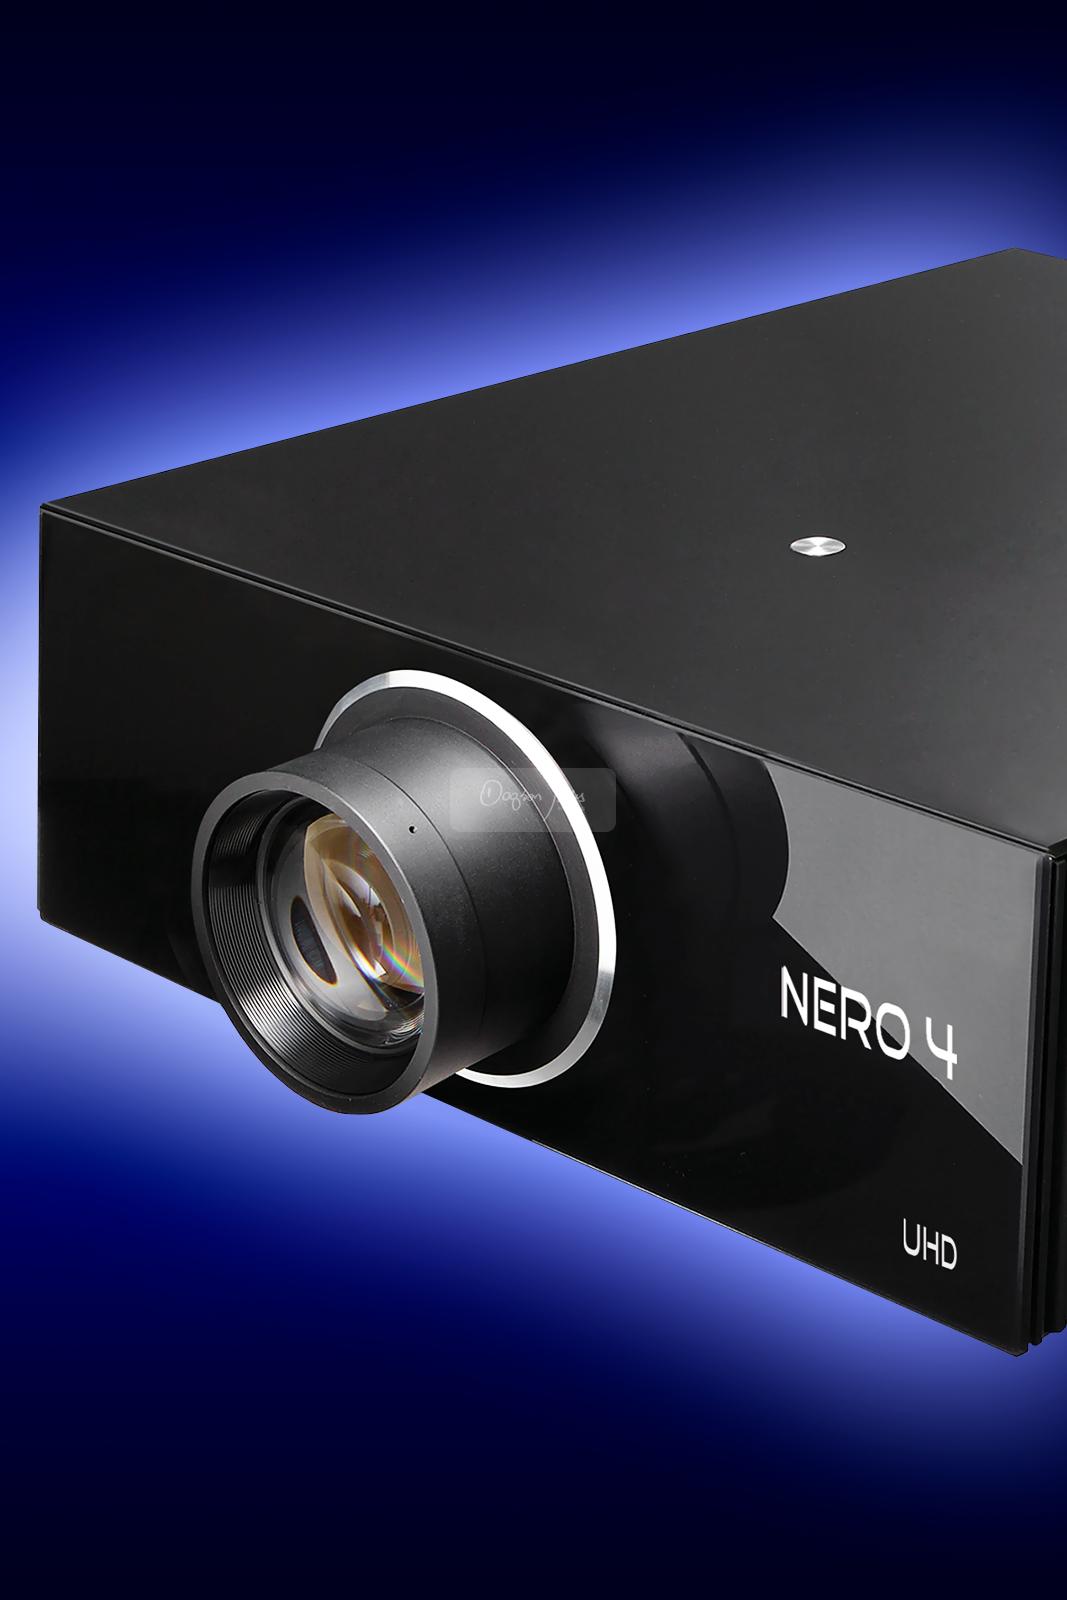 SIM2 NERO$ UHD - O melhor projetor 4k para sua sala de home cinema | Dagson Sales Projetos